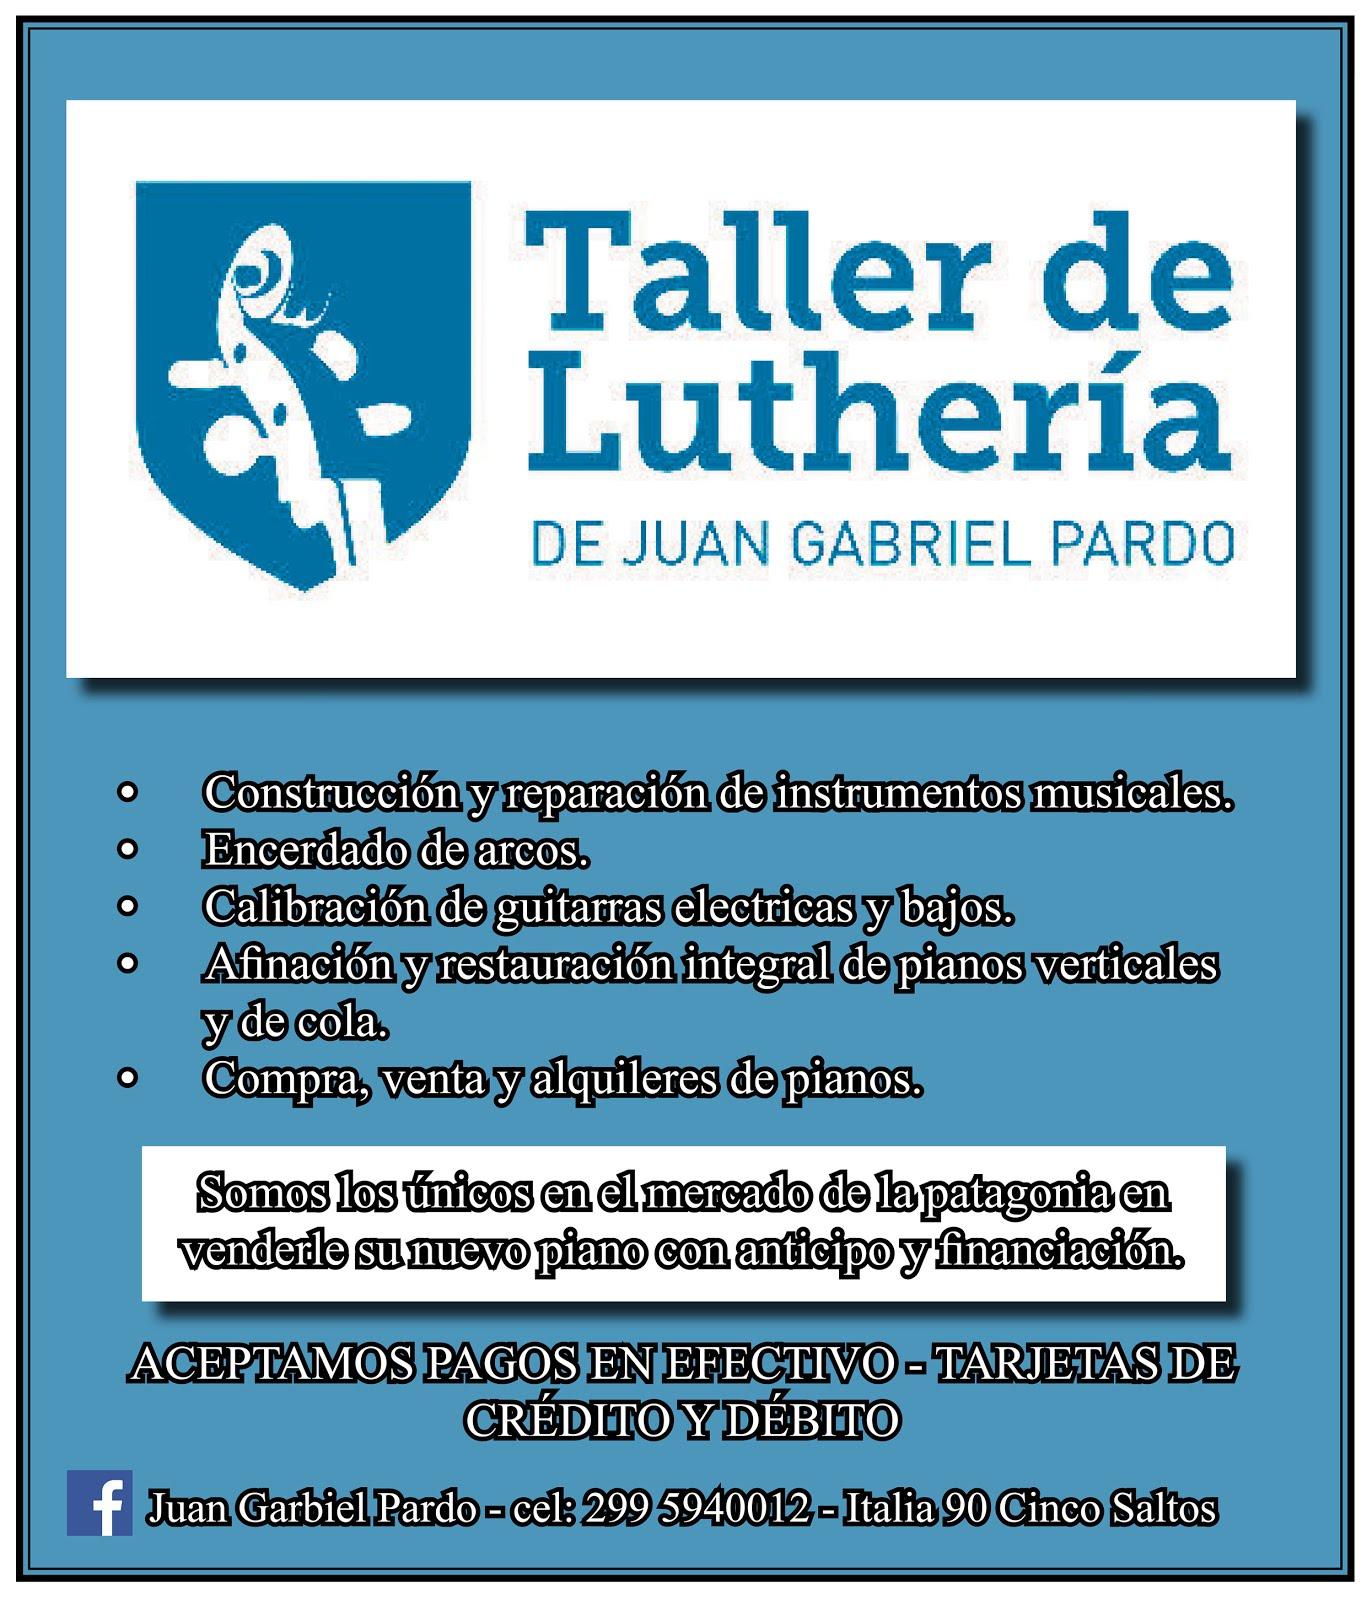 Taller de Lutheria